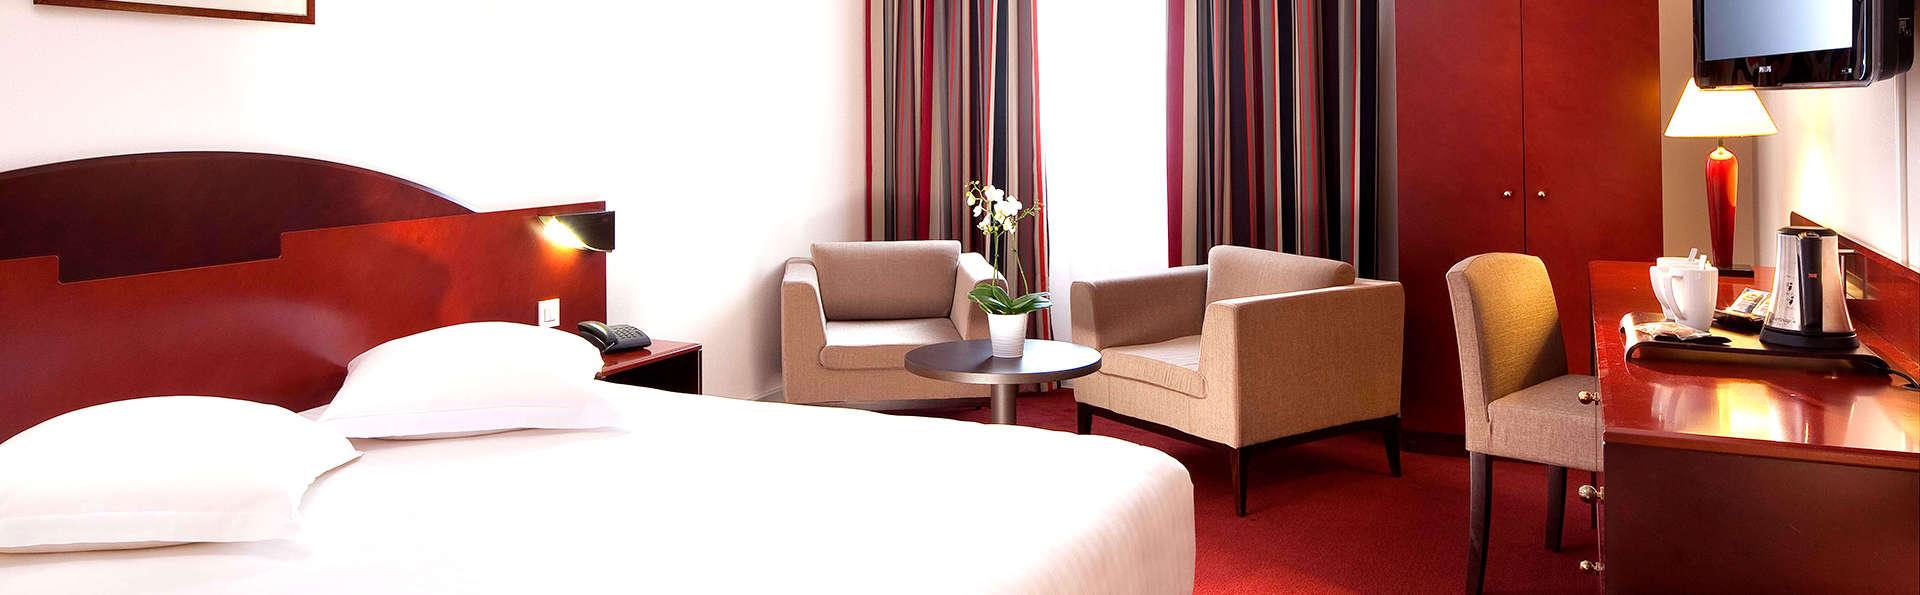 Élégant hôtel dans le centre-ville de Brest